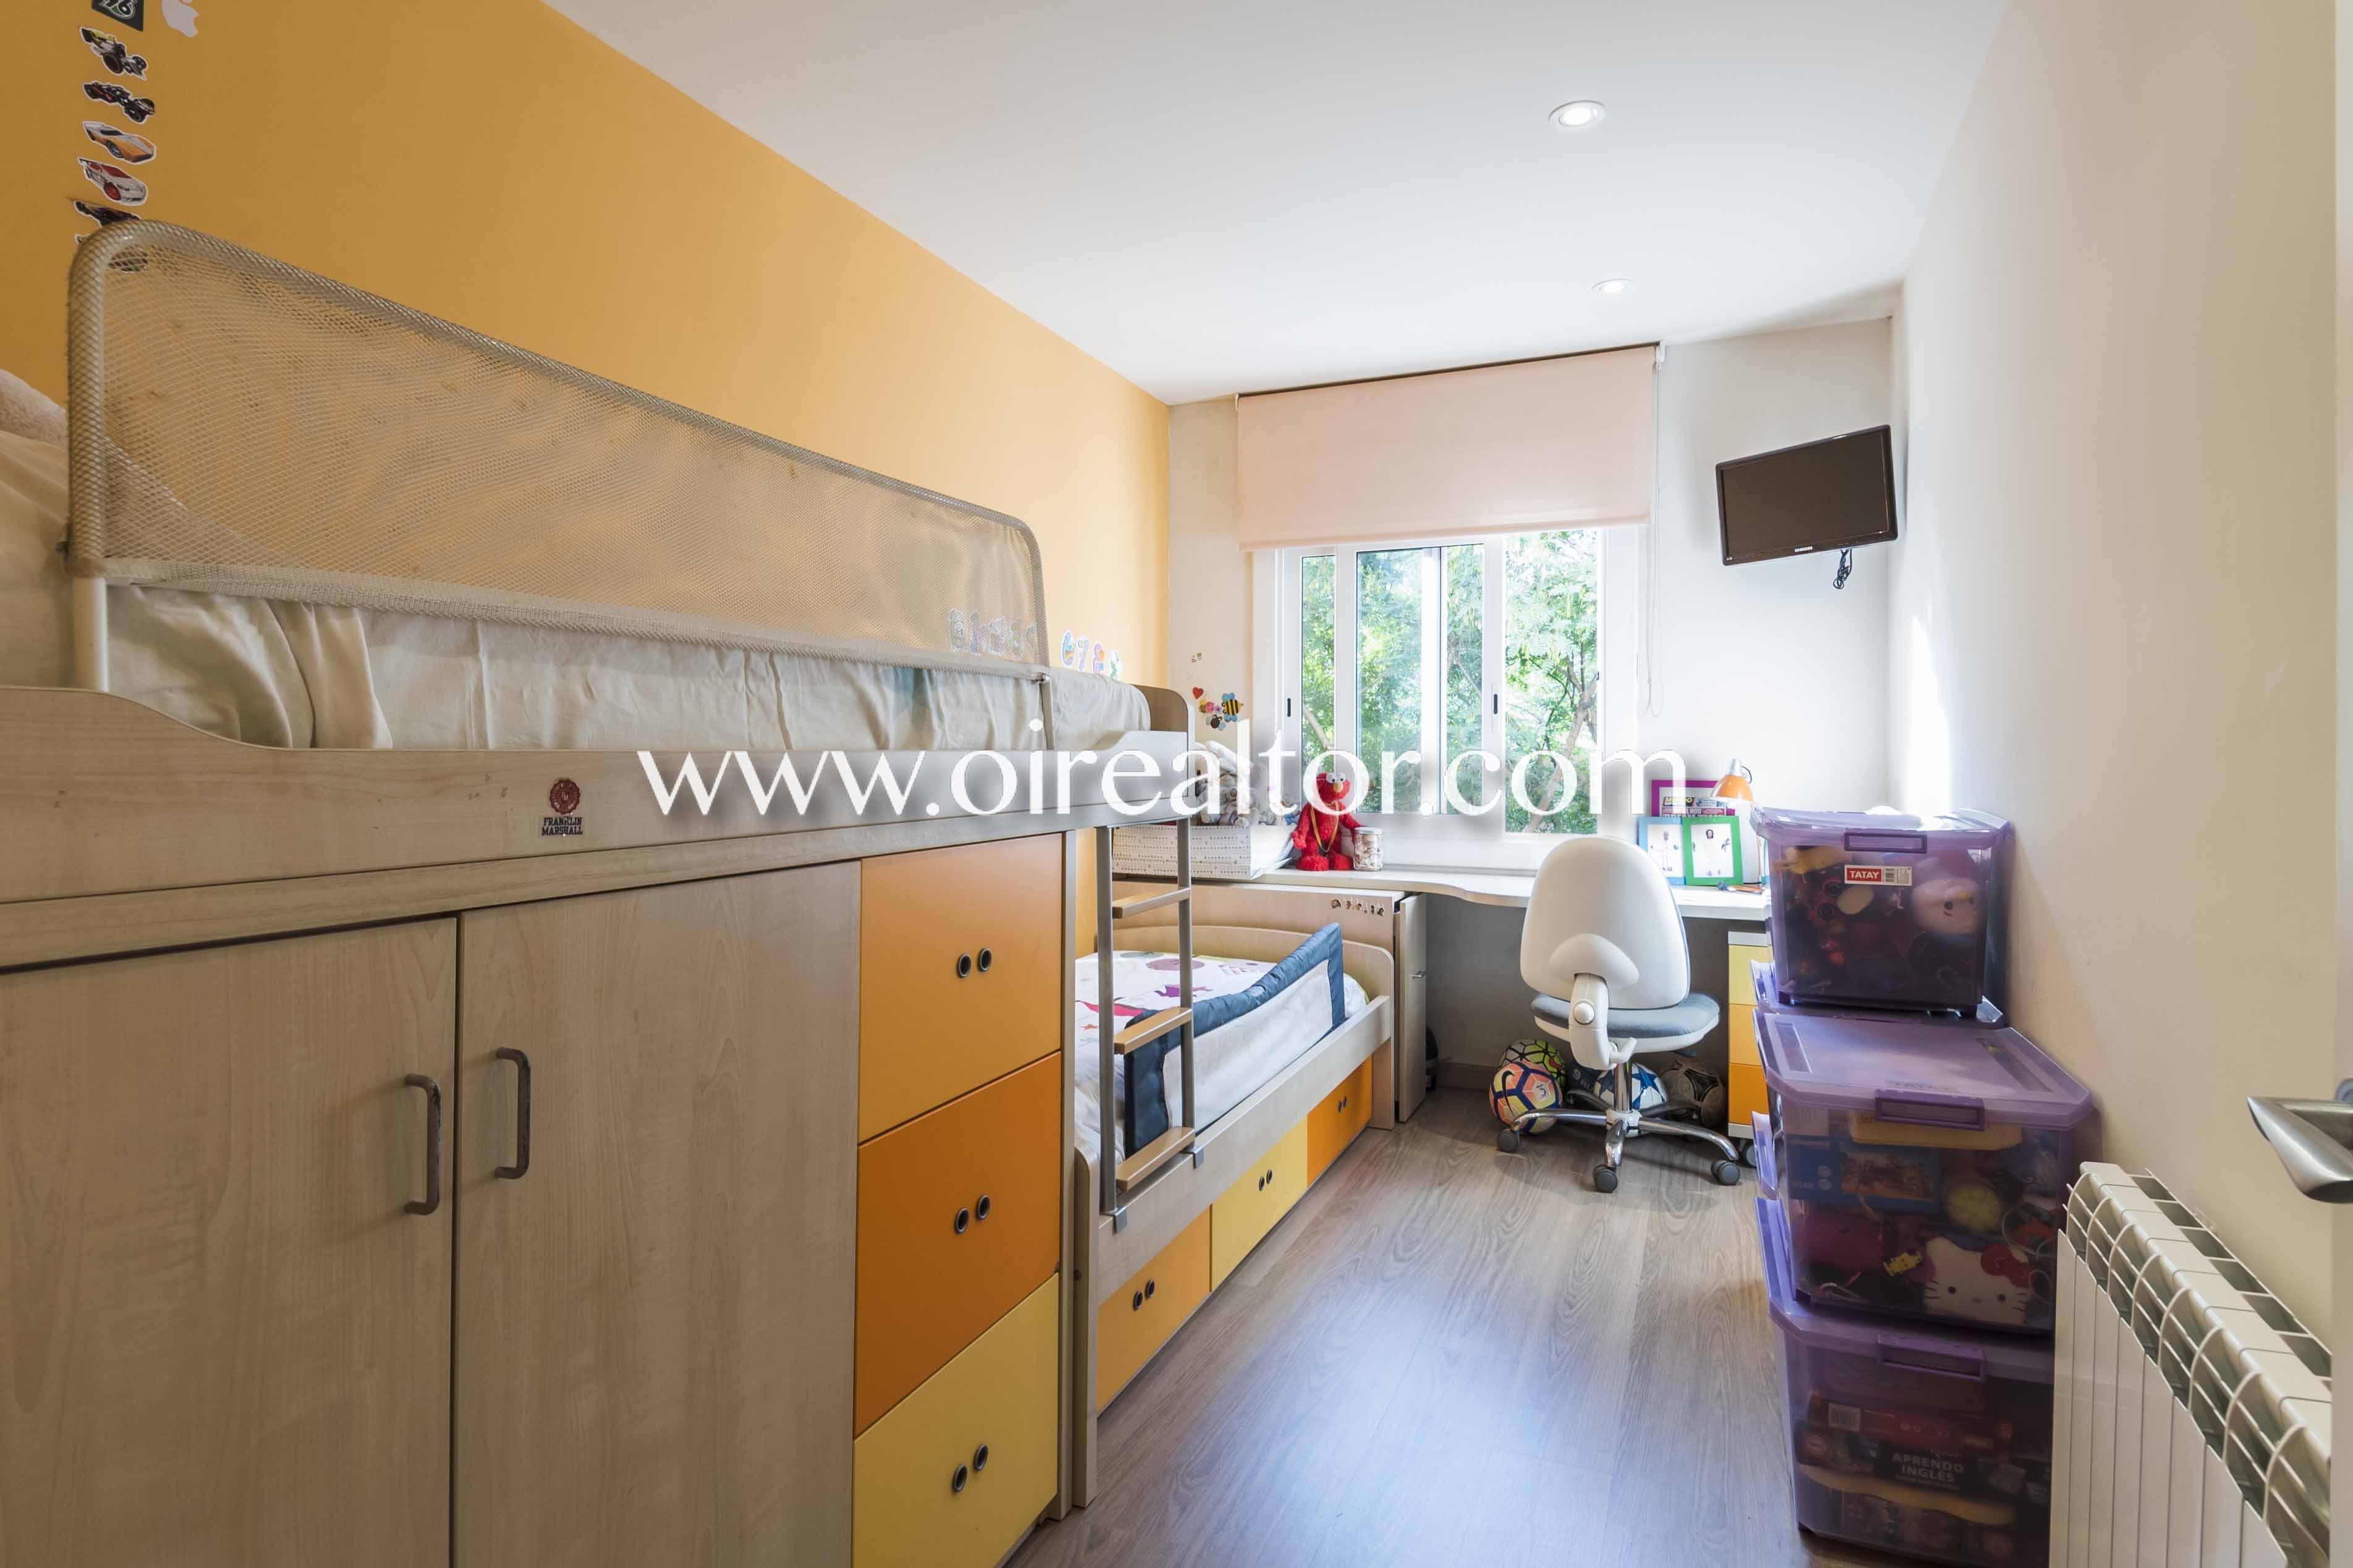 Appartement exclusif en vente enti rement r nov dans le poblenou barcelone - Appartement vente barcelone ...